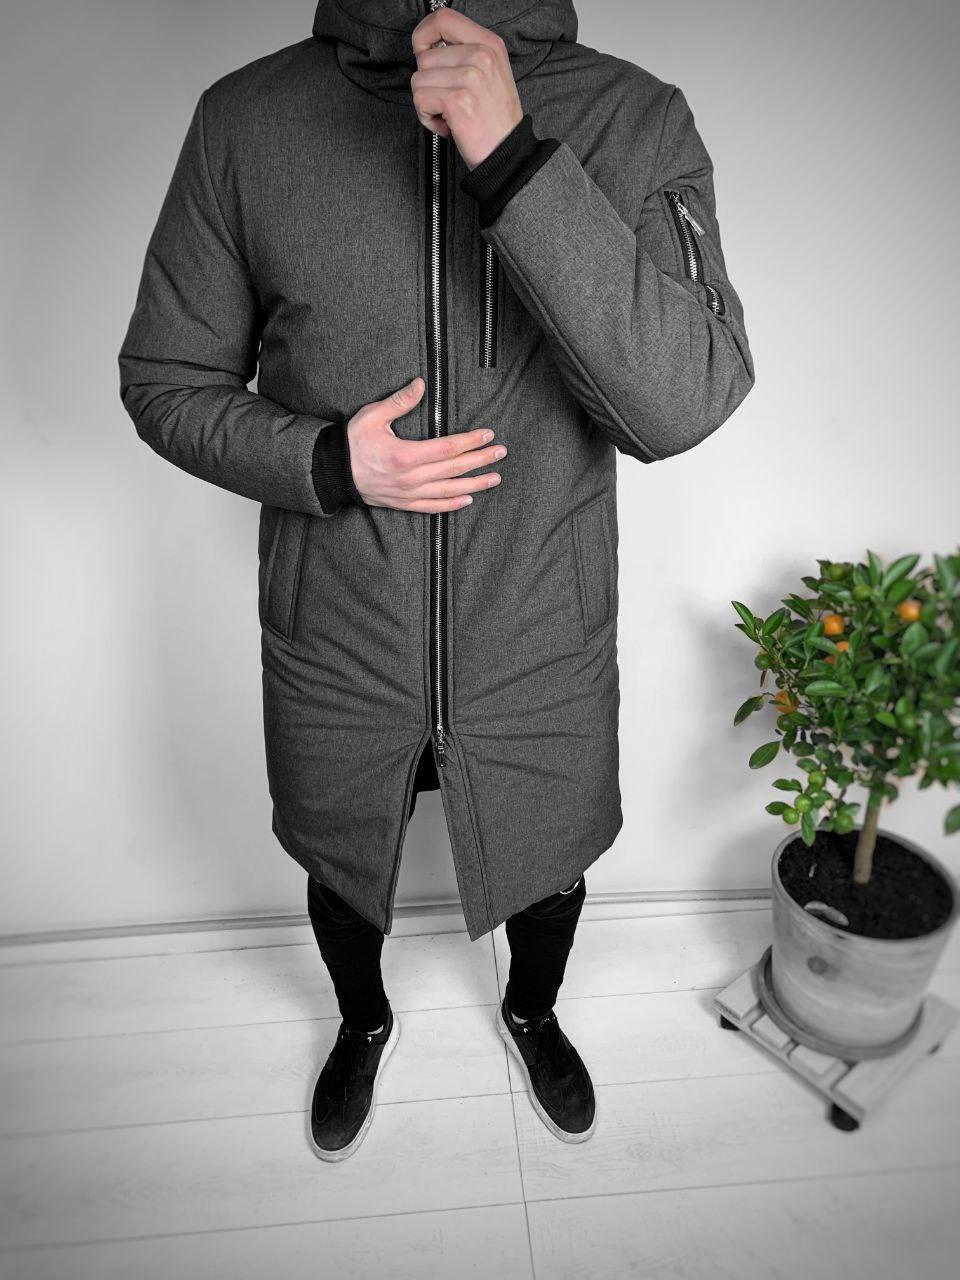 Мужская куртка. Мужская парка.